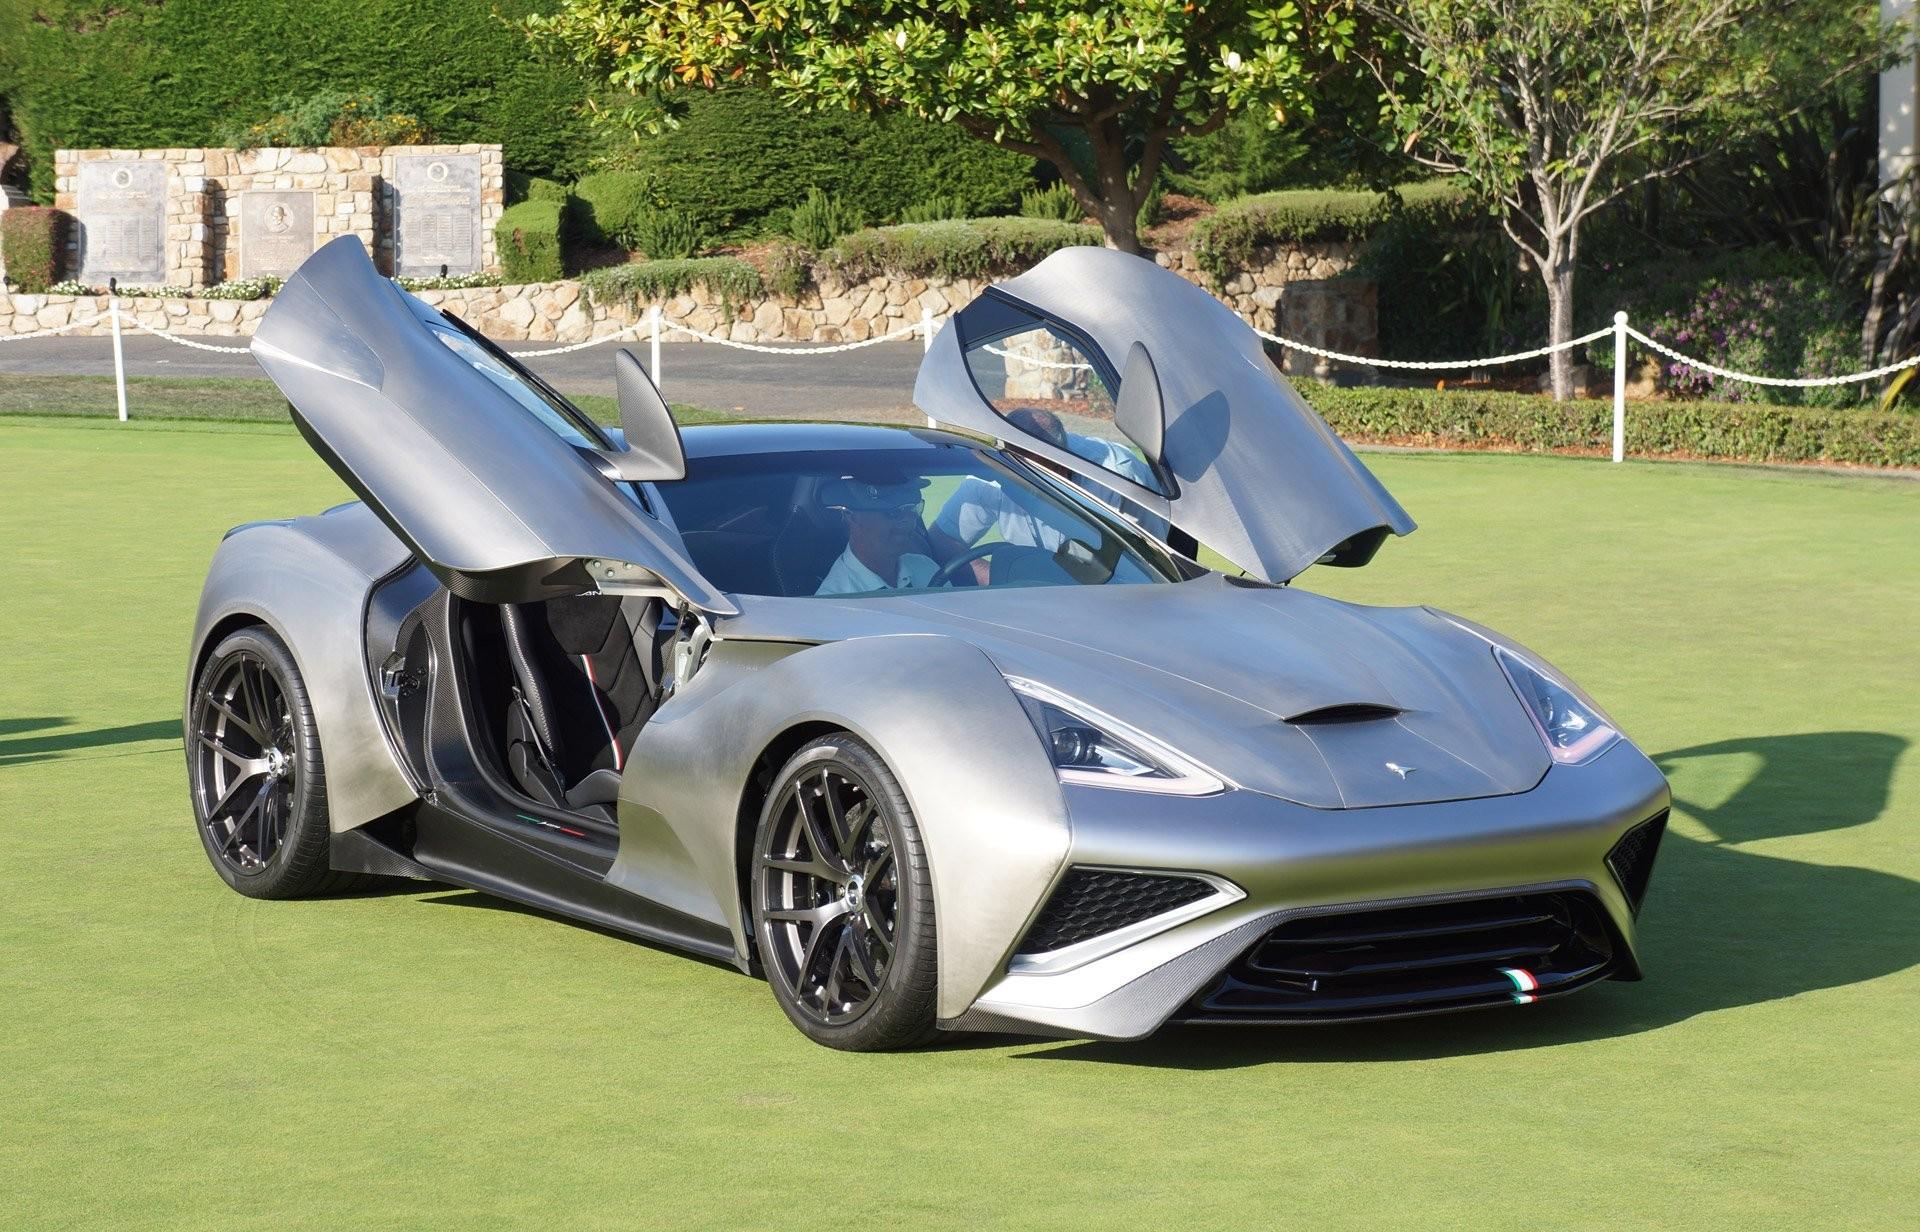 На автомобильном салоне вДубае представили свыше100 новых моделей авто